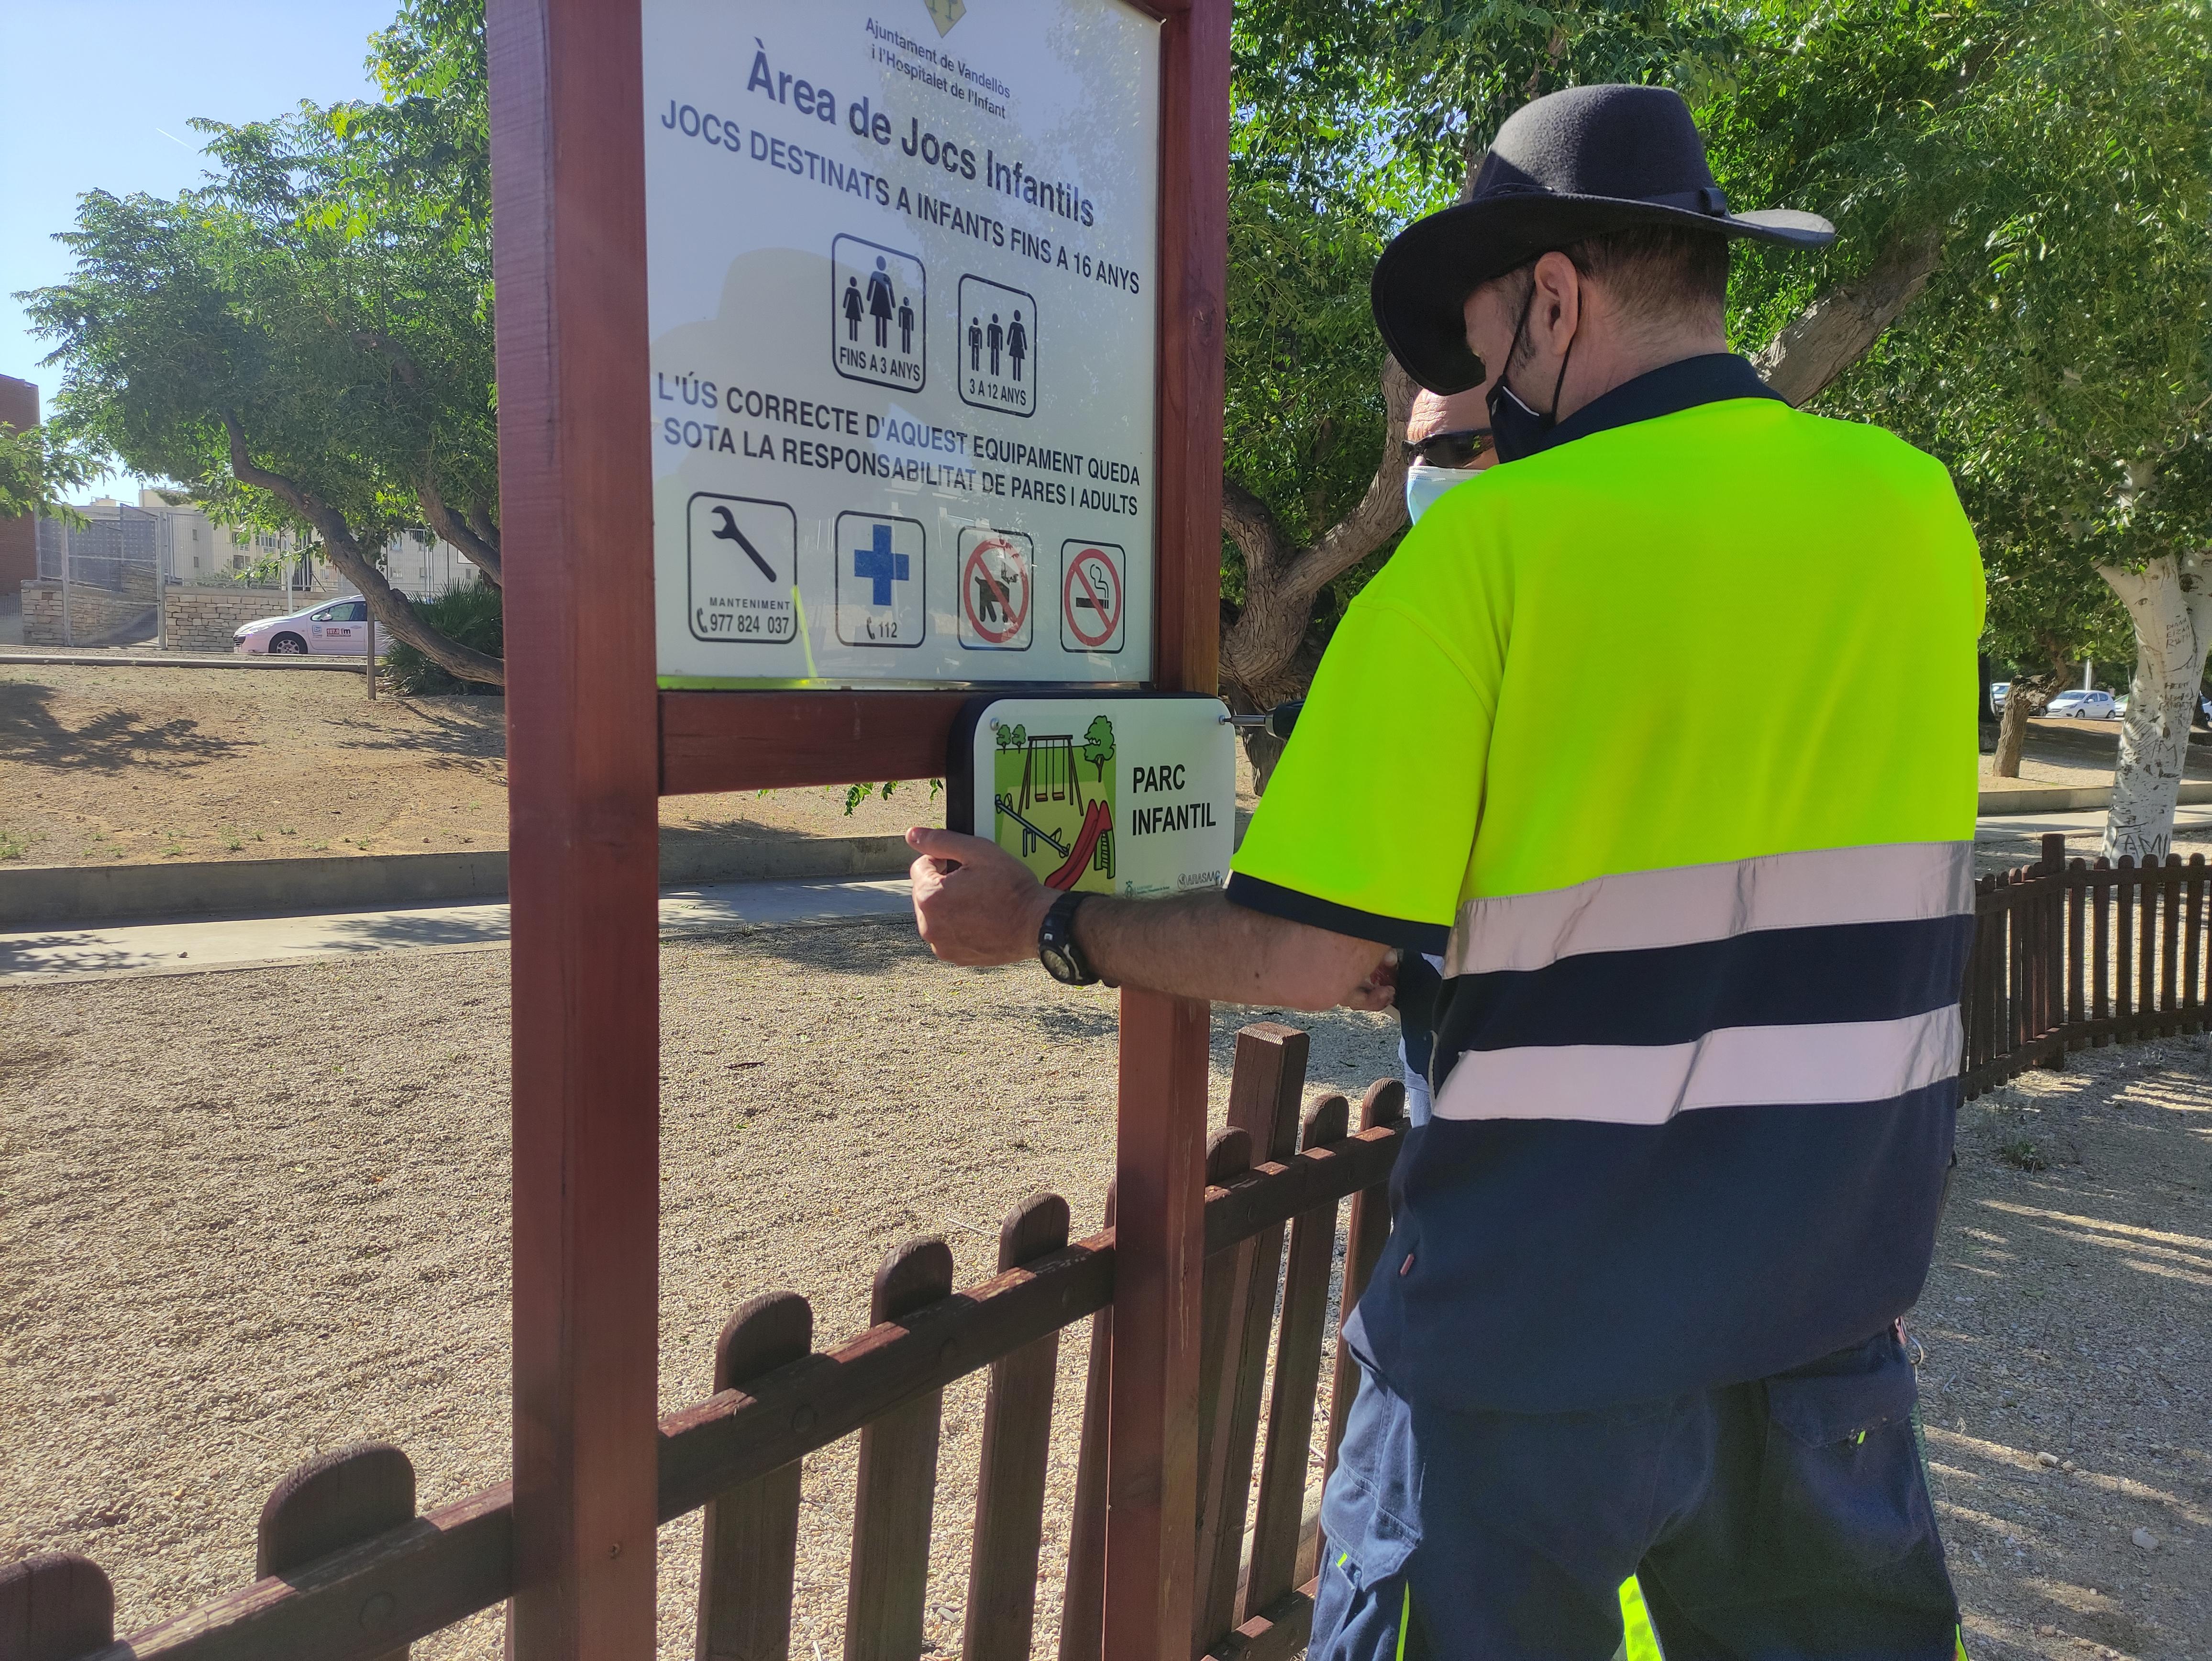 L'Ajuntament de Vandellòs i l'Hospitalet de l'Infant ha instal•lat senyalització viària inclusiva al municipi